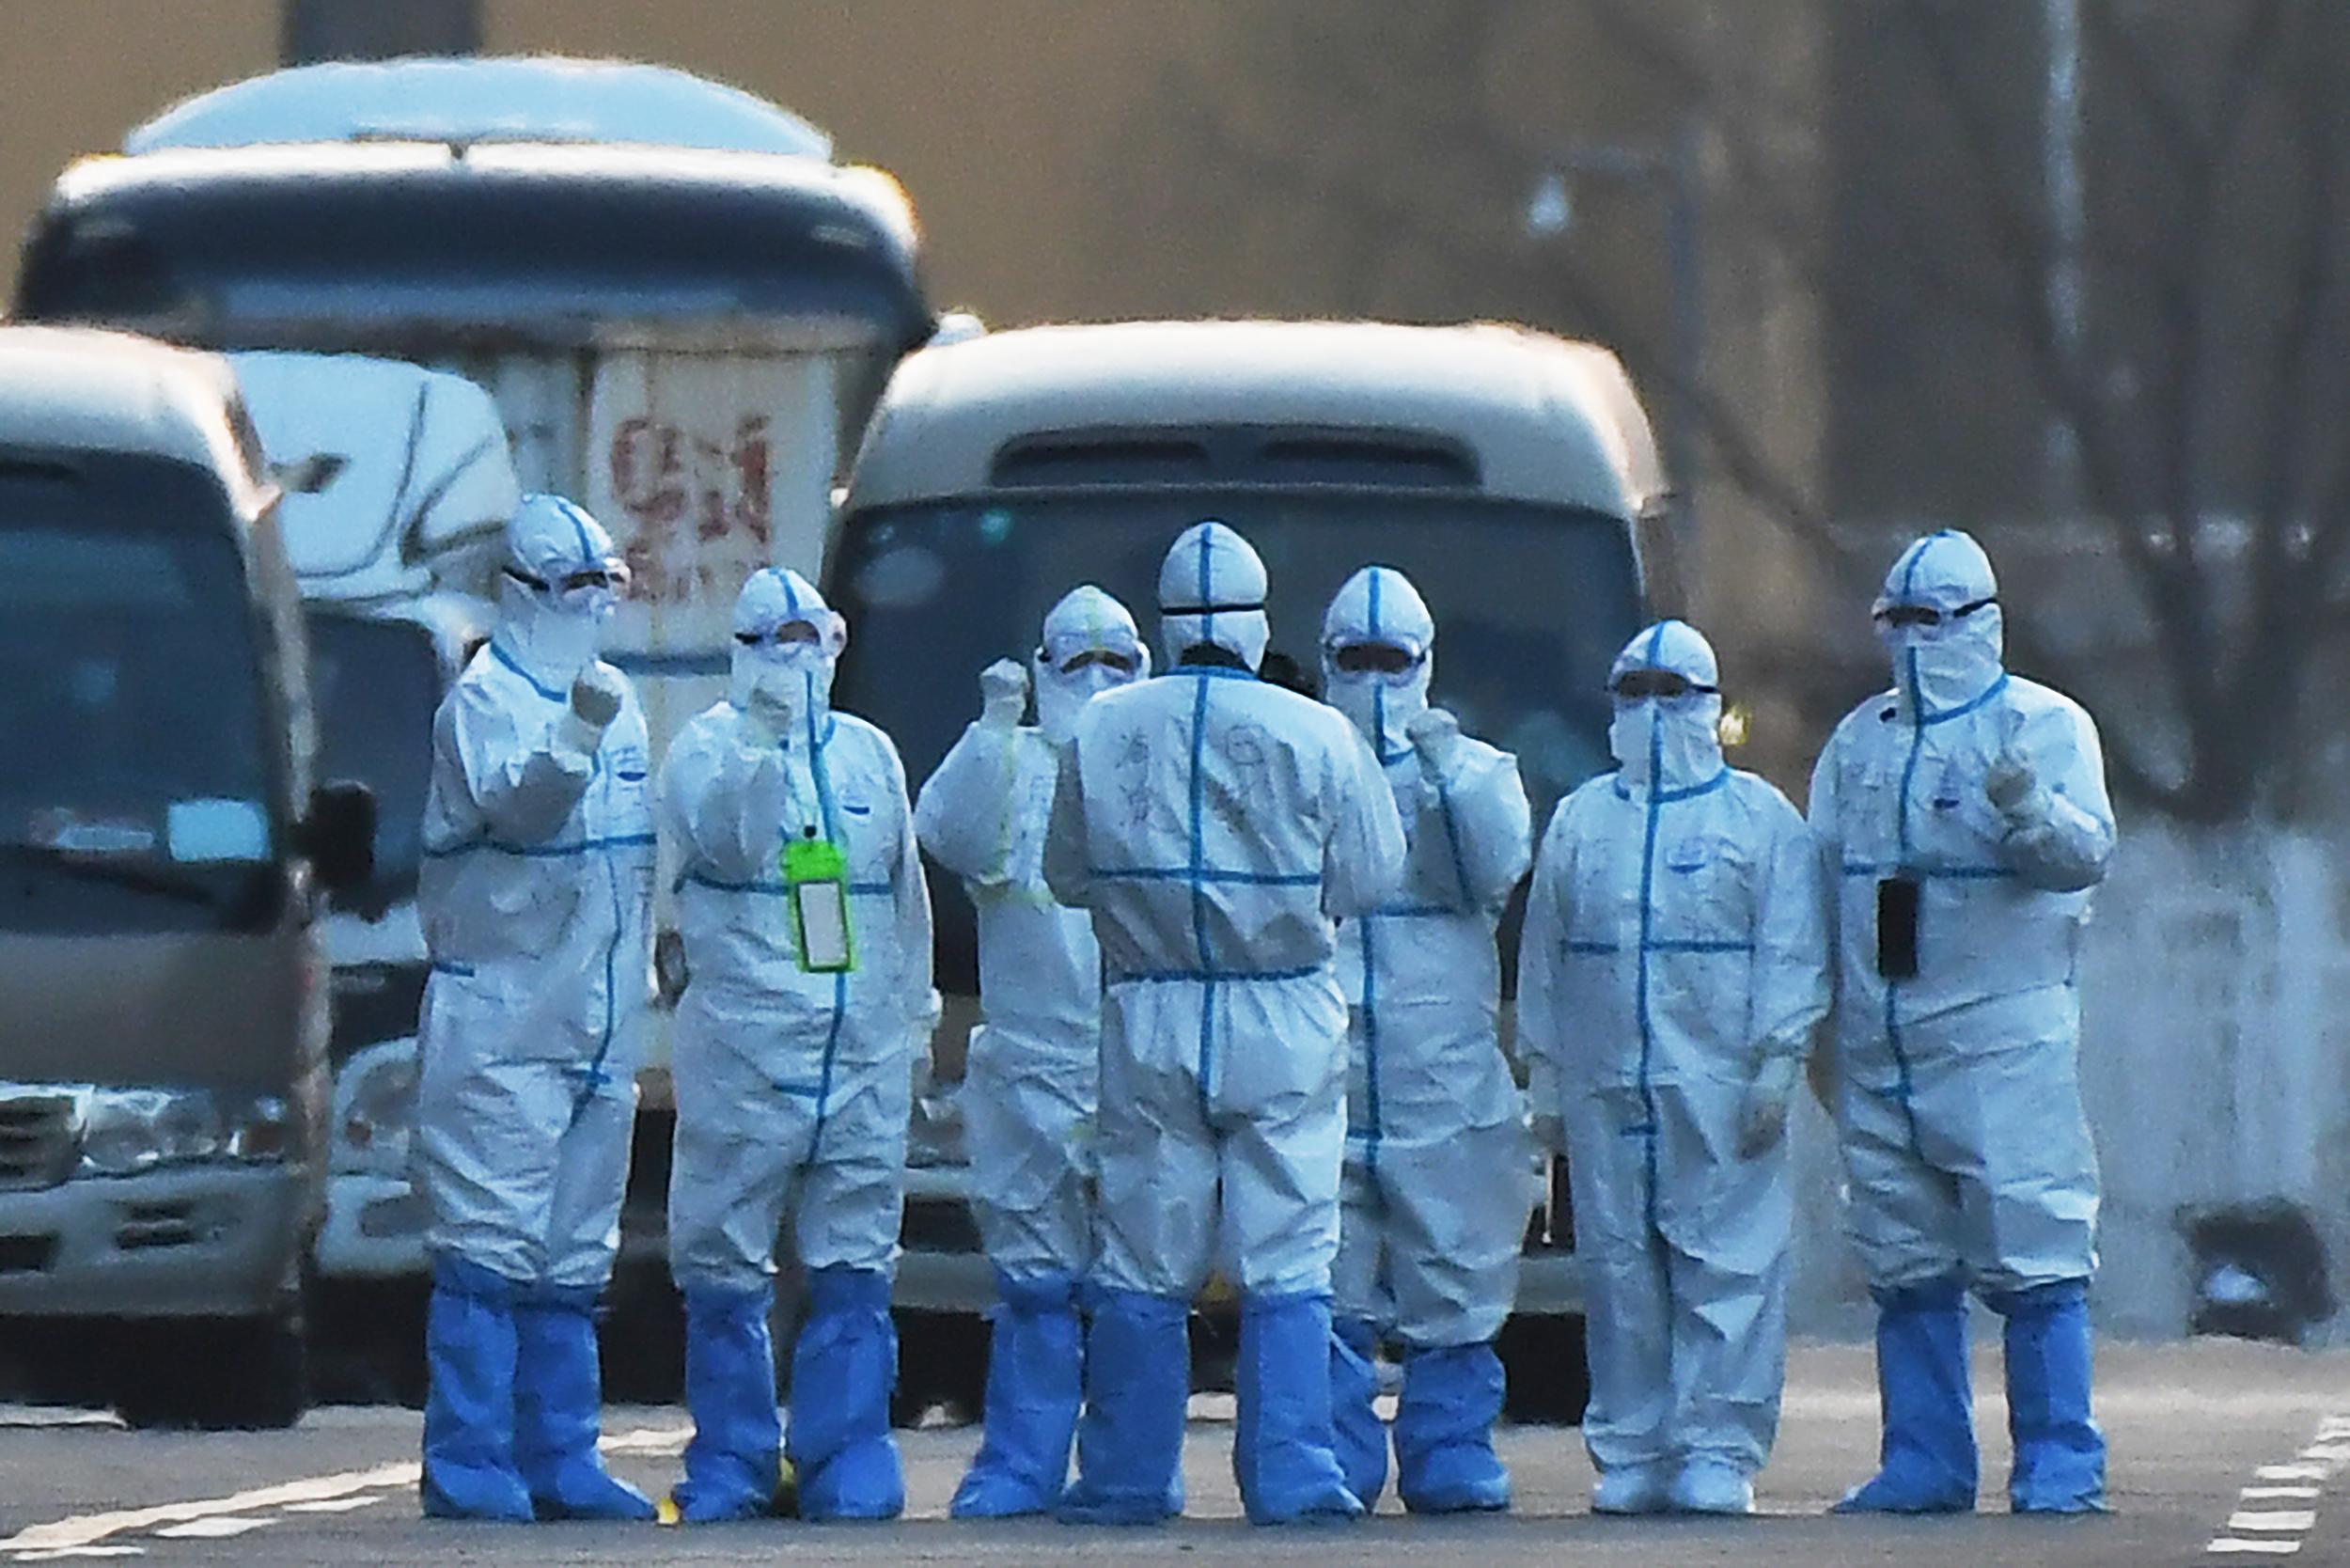 سُجلت الوفيات الجديدة في إقليم هوبي، بؤرة تفشي الفيروس في الصين